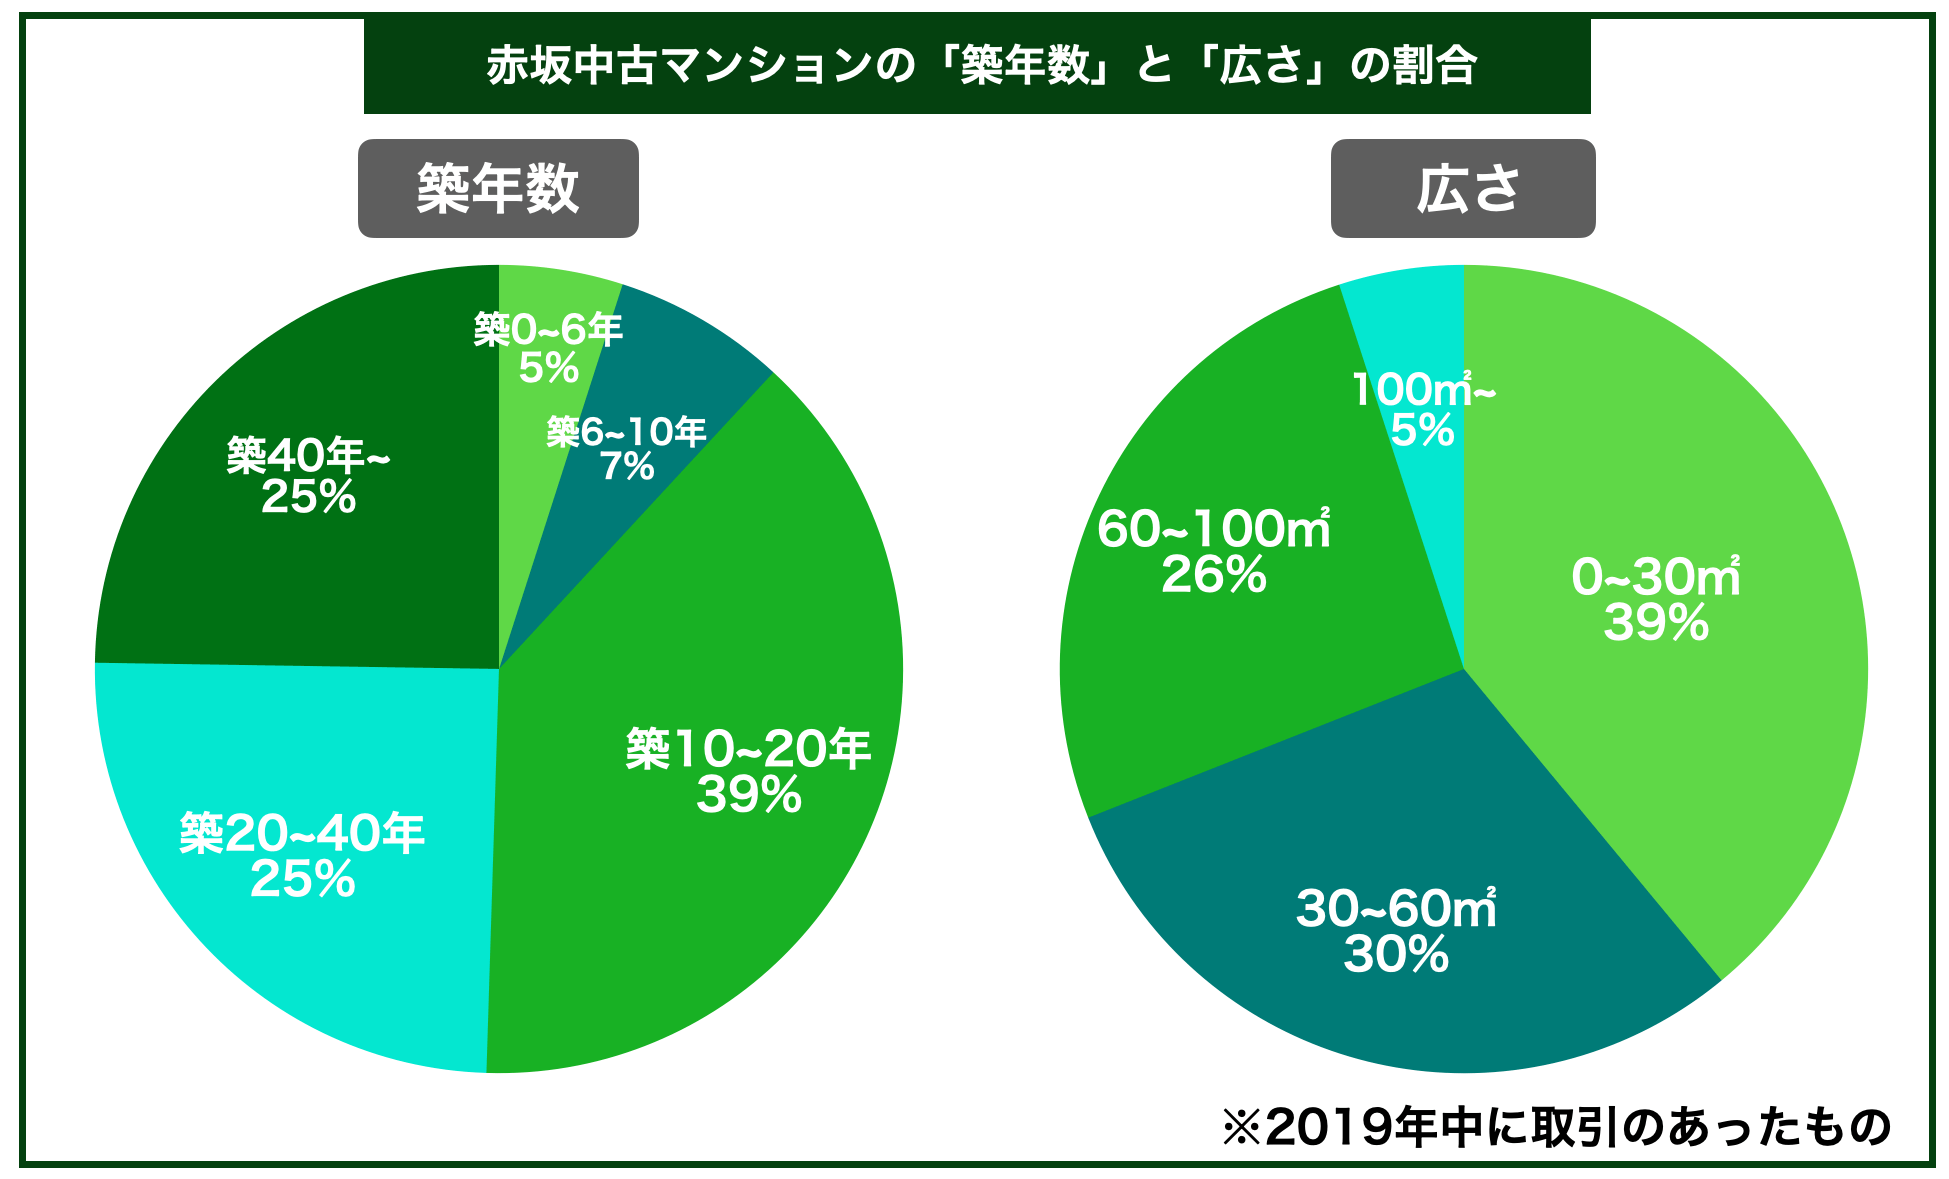 赤坂中古マンション築年数広さ割合